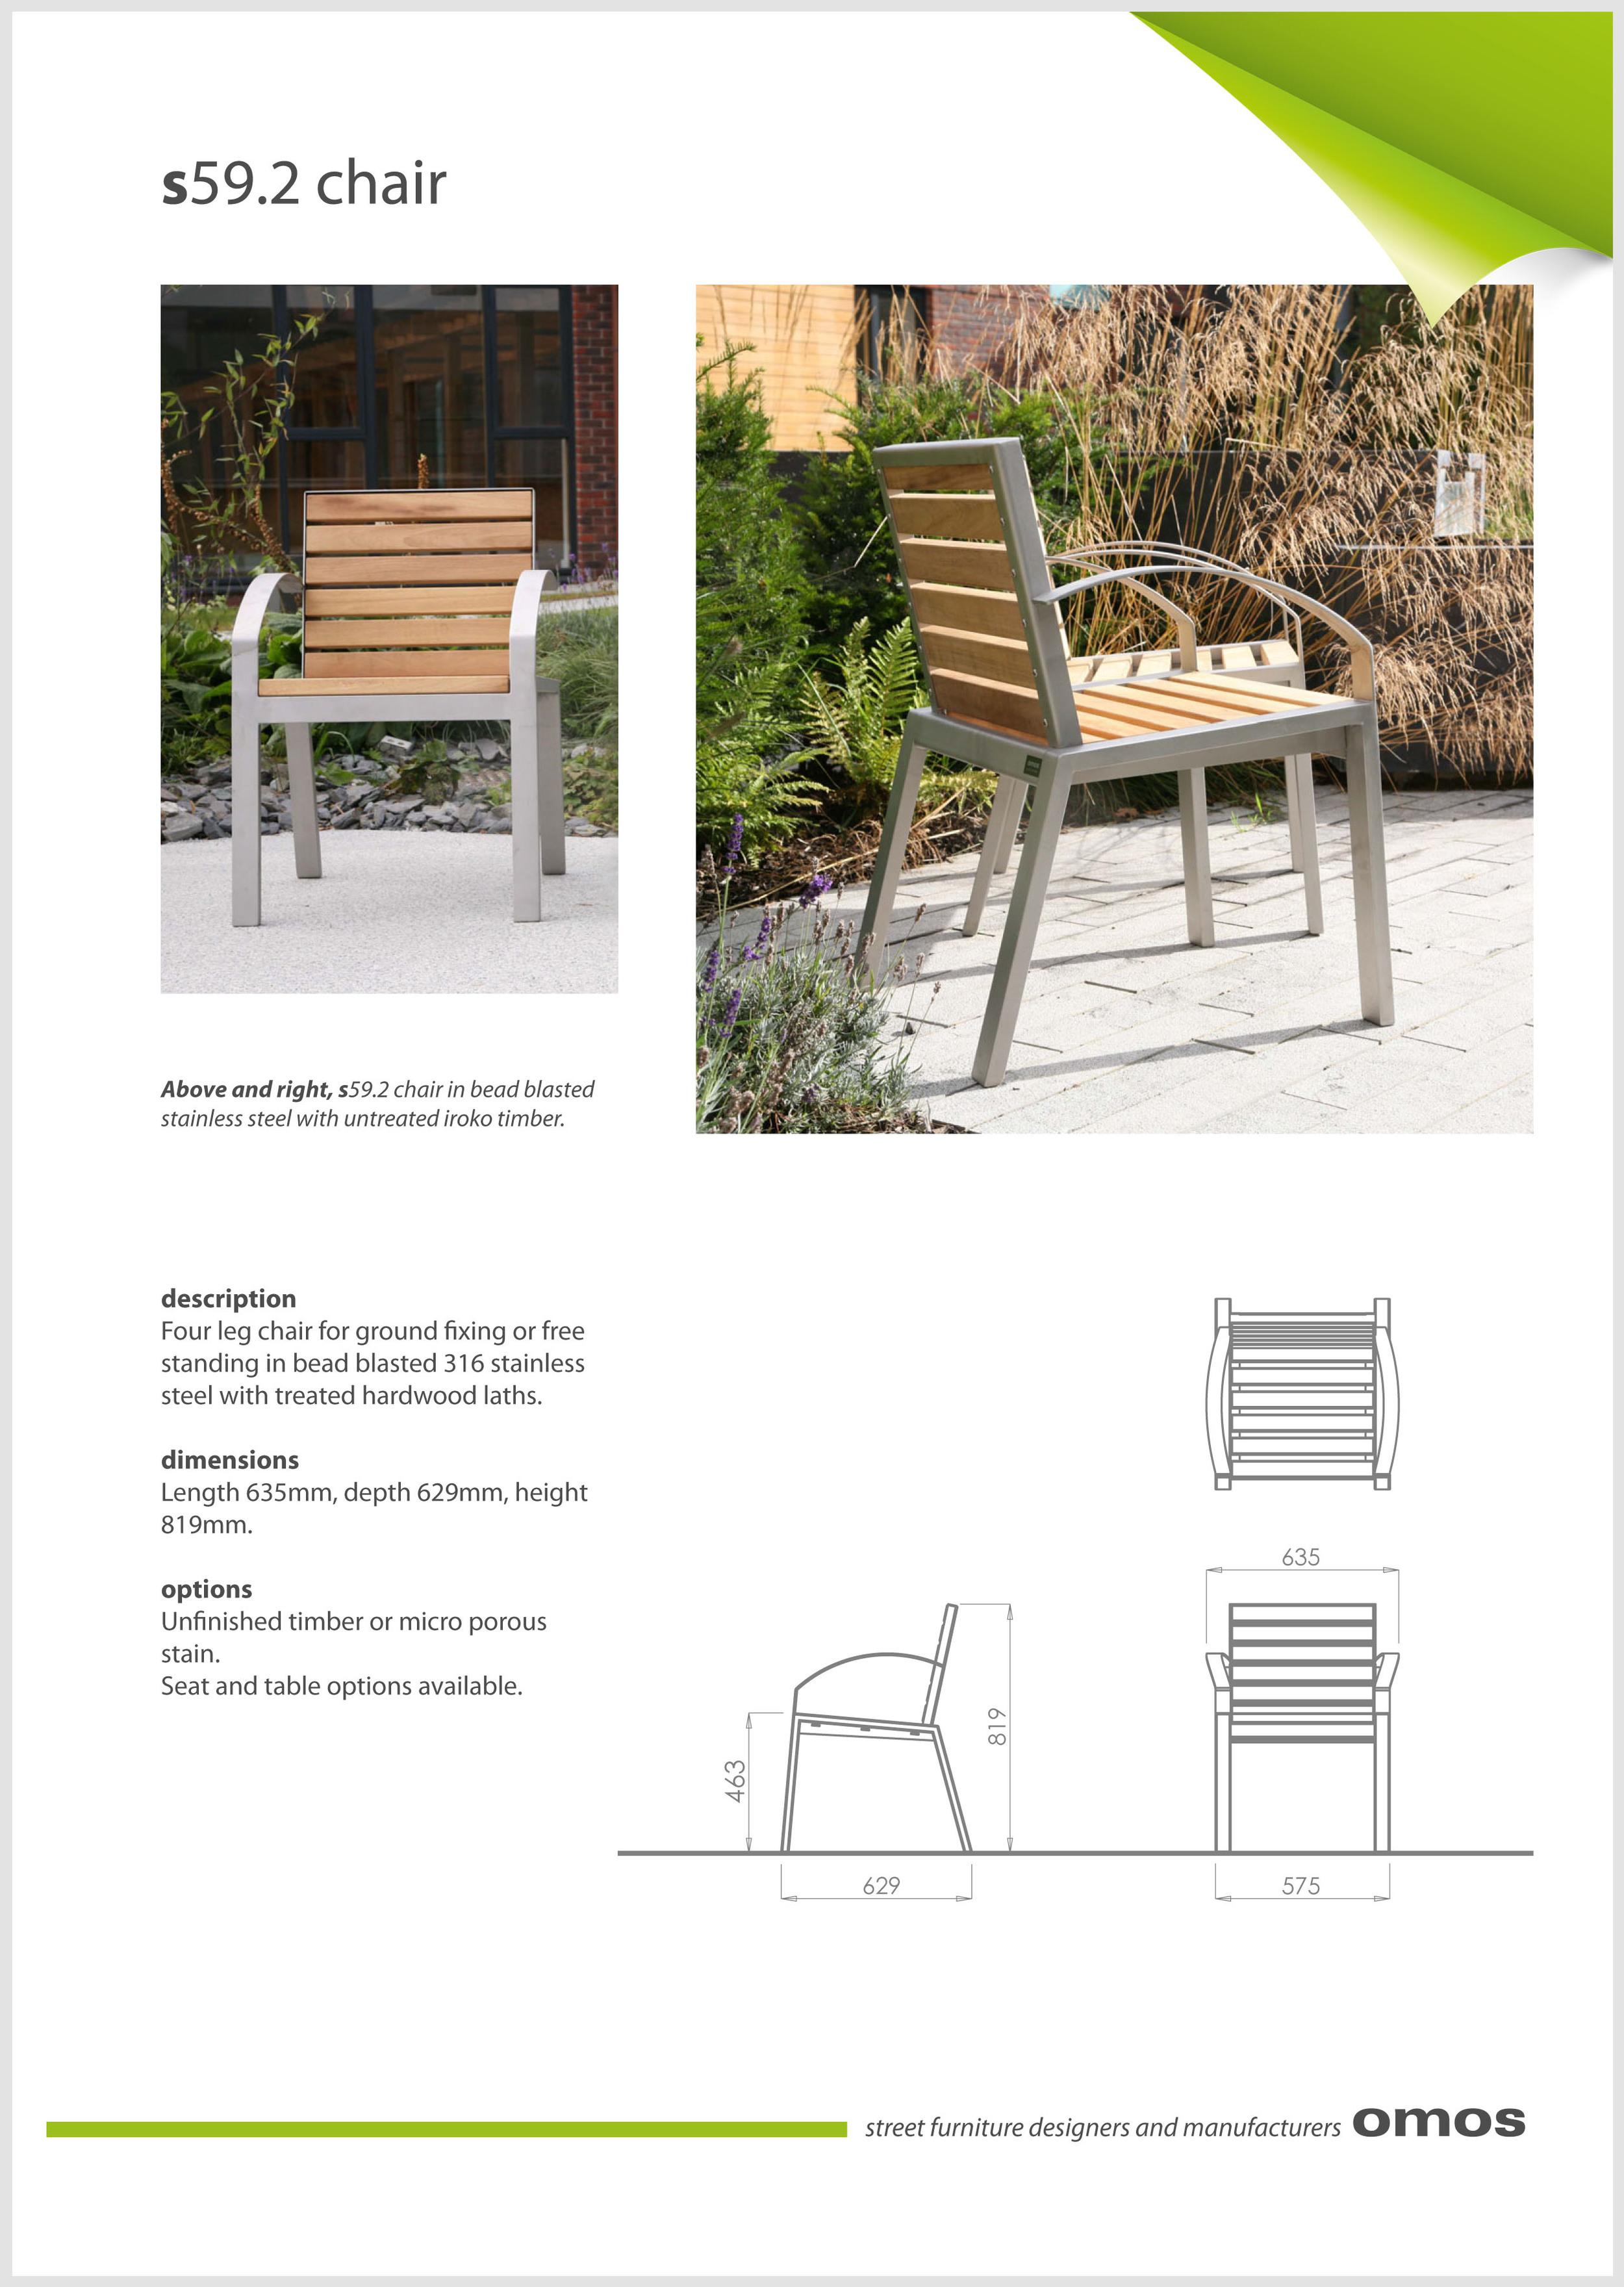 s59.2 chair data sheet.jpg